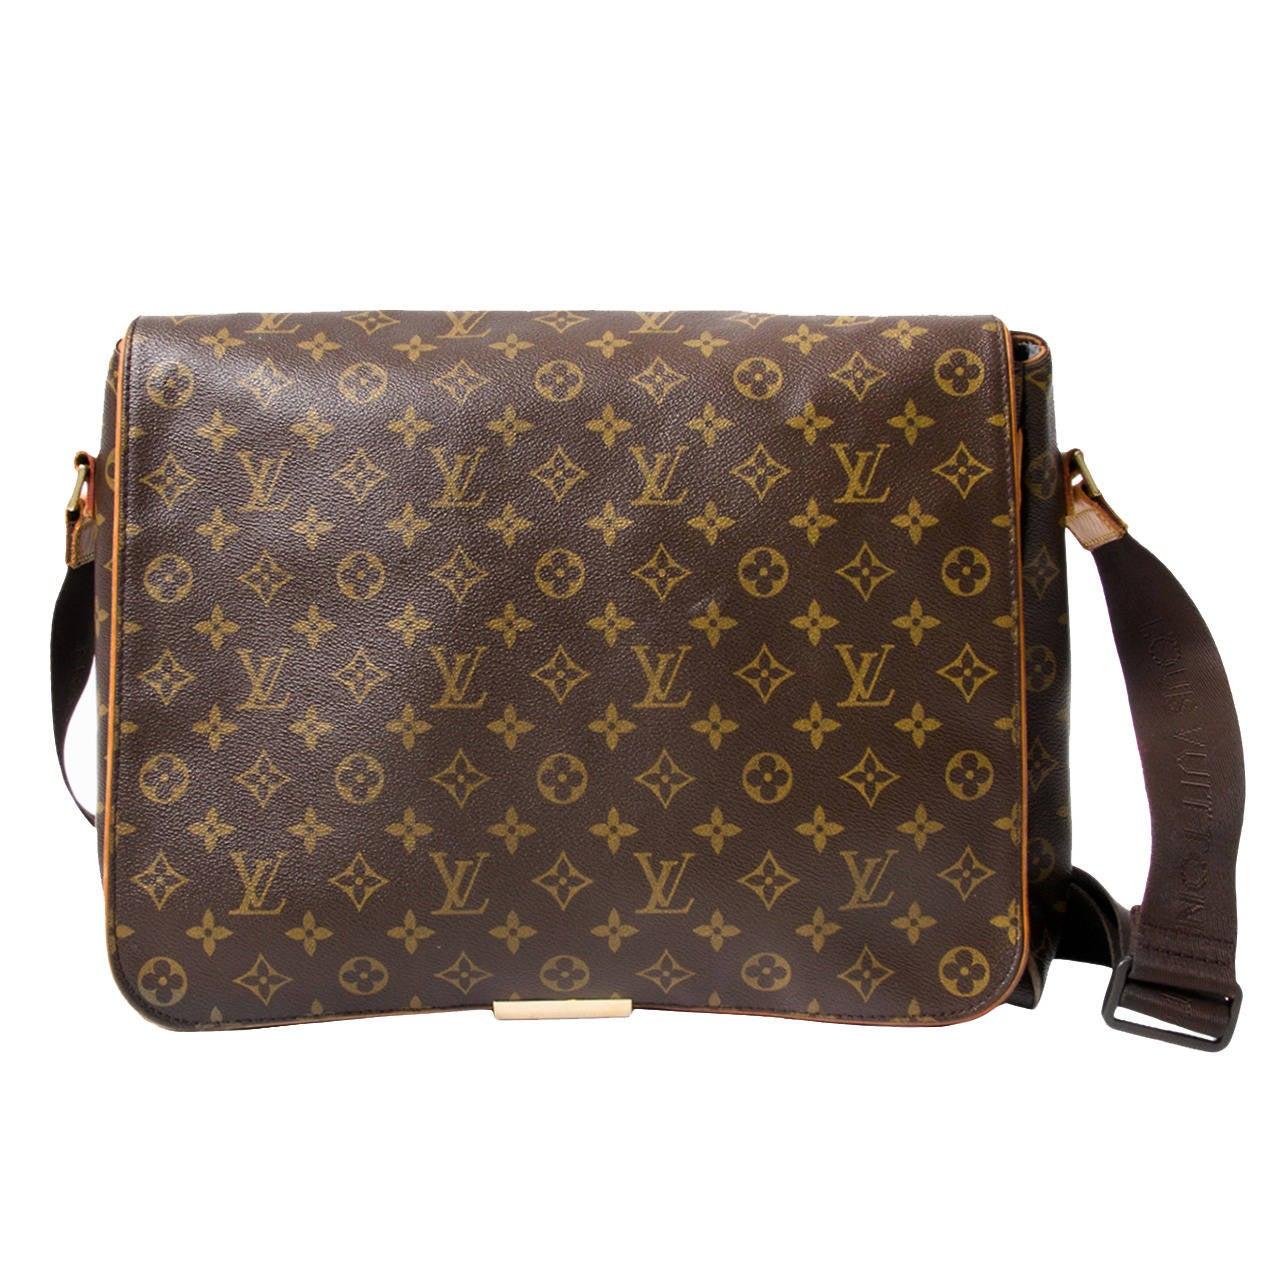 095bf76d294e Louis Vuitton Abbesses Messenger Bag at 1stdibs